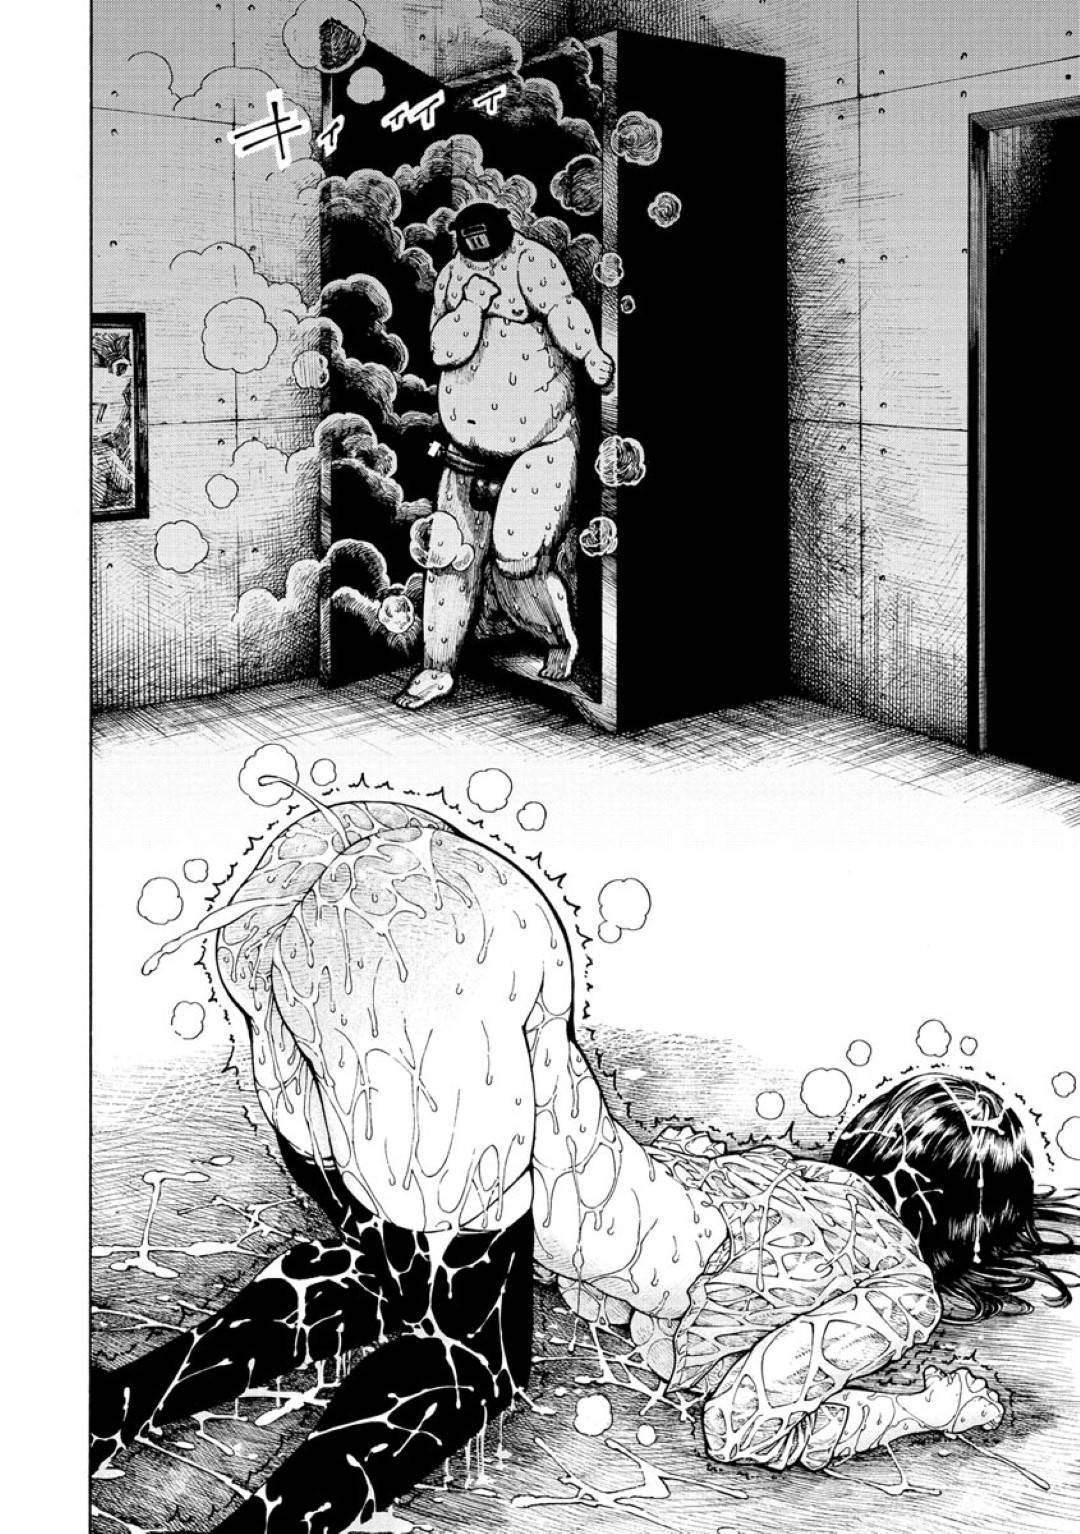 【エロ同人誌】狂気的な三兄弟に捕まった巨乳美人JK…拘束され男達のされるがままになる!チンポを擦り付けられたり身体に山芋を塗られながら性奴隷として言うことを健気に聞く!【昼寝:鮫田兄弟】